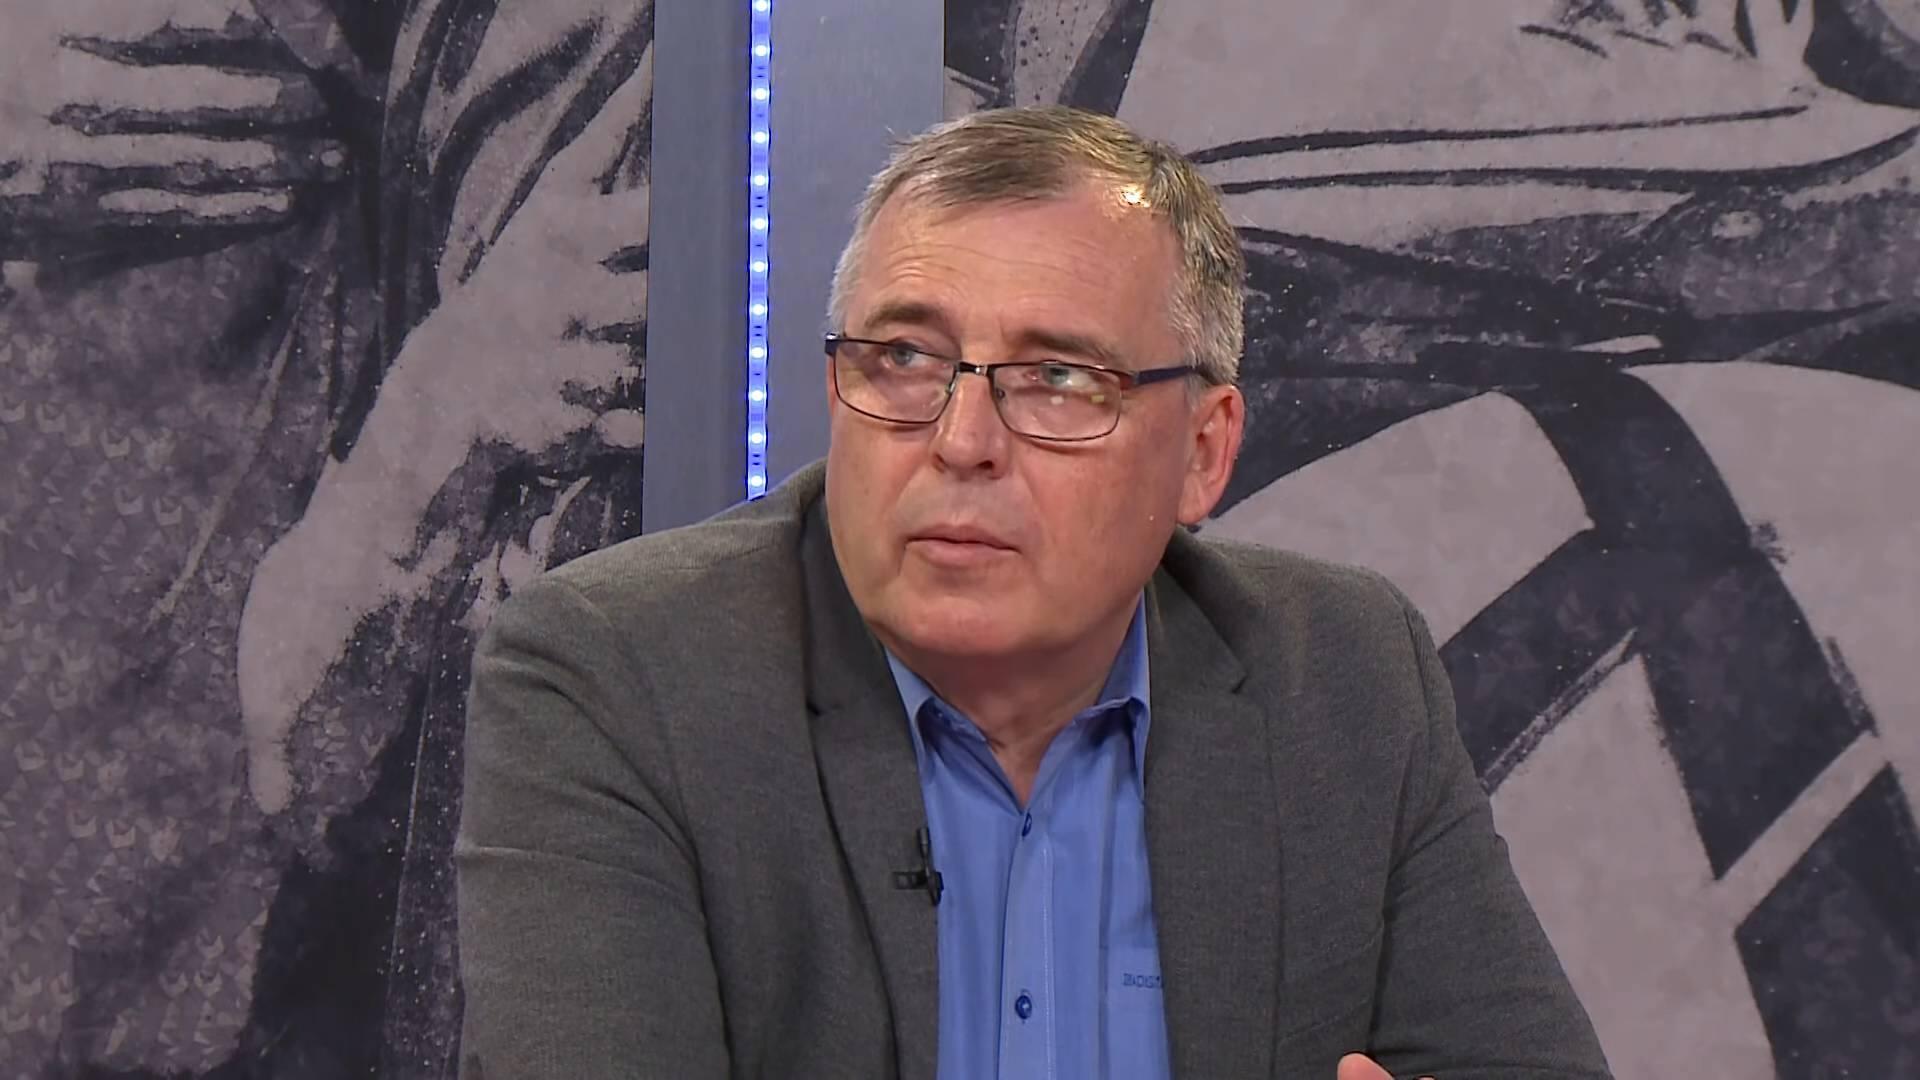 Ministri unutarnjih poslova EU: Ograničenja kretanja trebalo bi ukinuti koordinirano